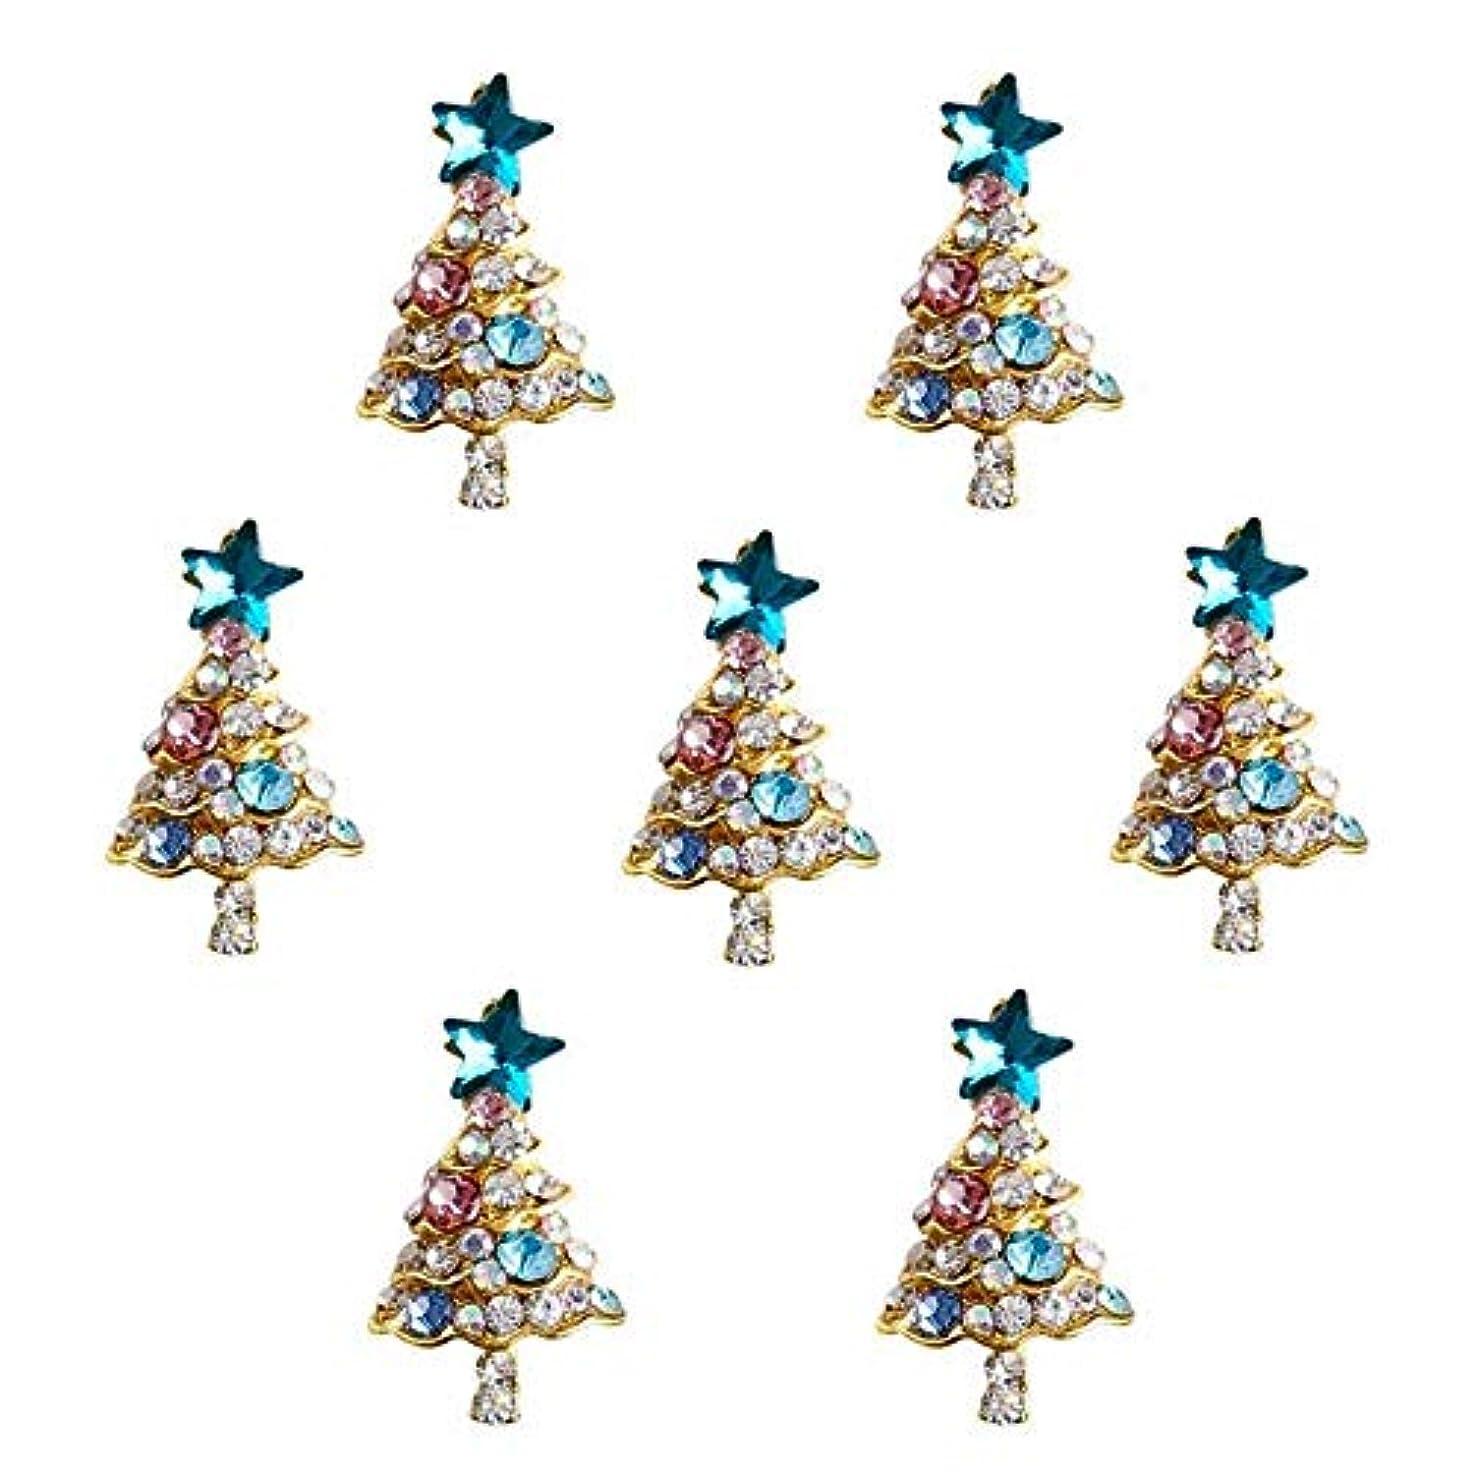 直立バルブ姓10個入り/ロット3Dラインストーンの装飾ブルーグリッタースタークリスマスツリーのデザイン接着剤ネイルアートDIYスタッドは、合金用品